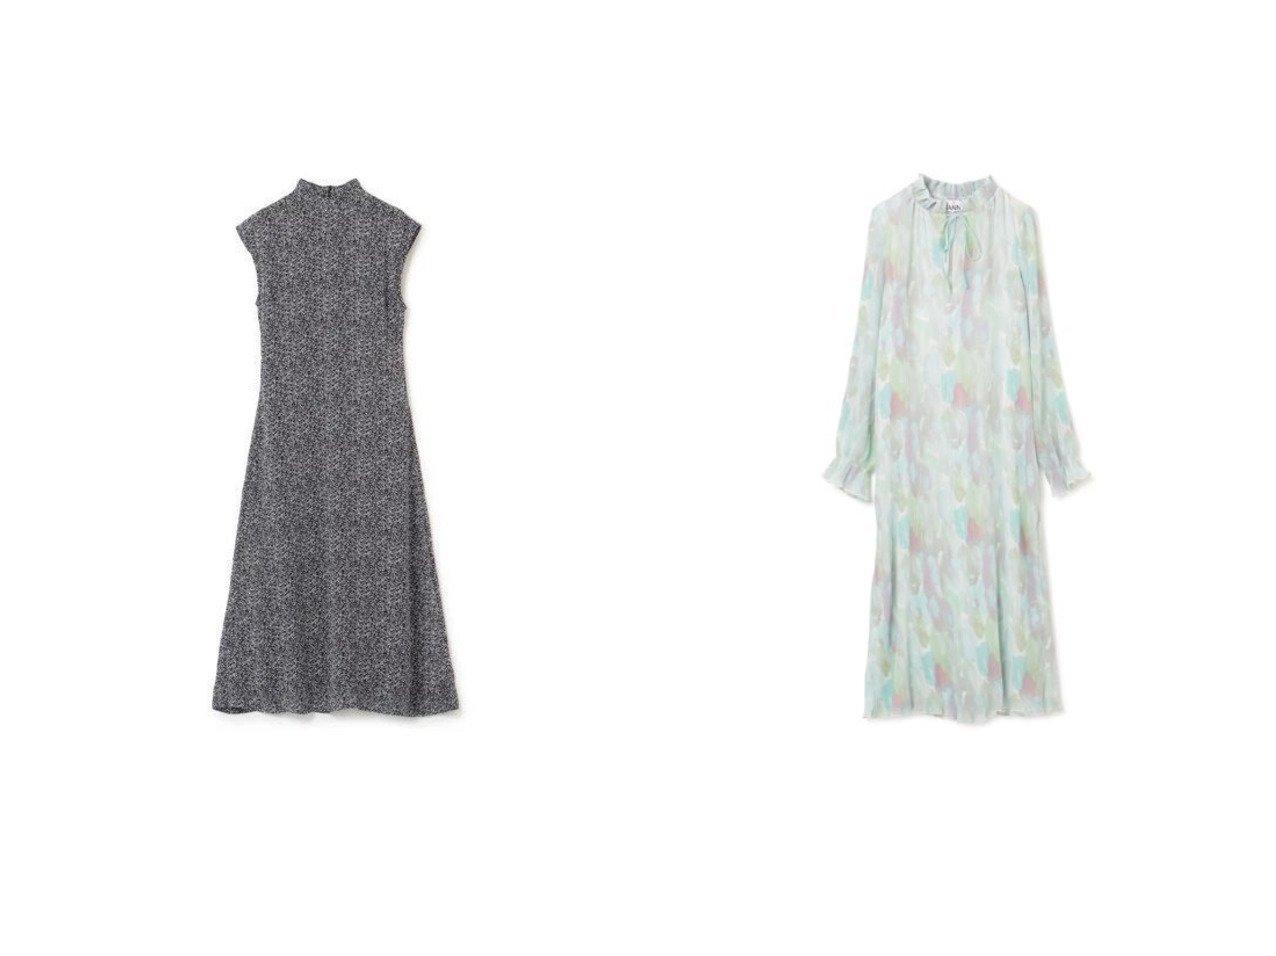 【GANNI/ガニー】のPrinted Georgette Dress&Pleated Georgette Dress ワンピース・ドレスのおすすめ!人気トレンド・レディースファッションの通販  おすすめで人気のファッション通販商品 インテリア・家具・キッズファッション・メンズファッション・レディースファッション・服の通販 founy(ファニー) https://founy.com/ ファッション Fashion レディースファッション WOMEN ワンピース Dress ドレス Party Dresses エアリー エレガント ジョーゼット ドレス フェミニン フォーマル フリル プリント プリーツ リボン 春 長袖 シンプル スタンド ノースリーブ フレア |ID:crp329100000007799